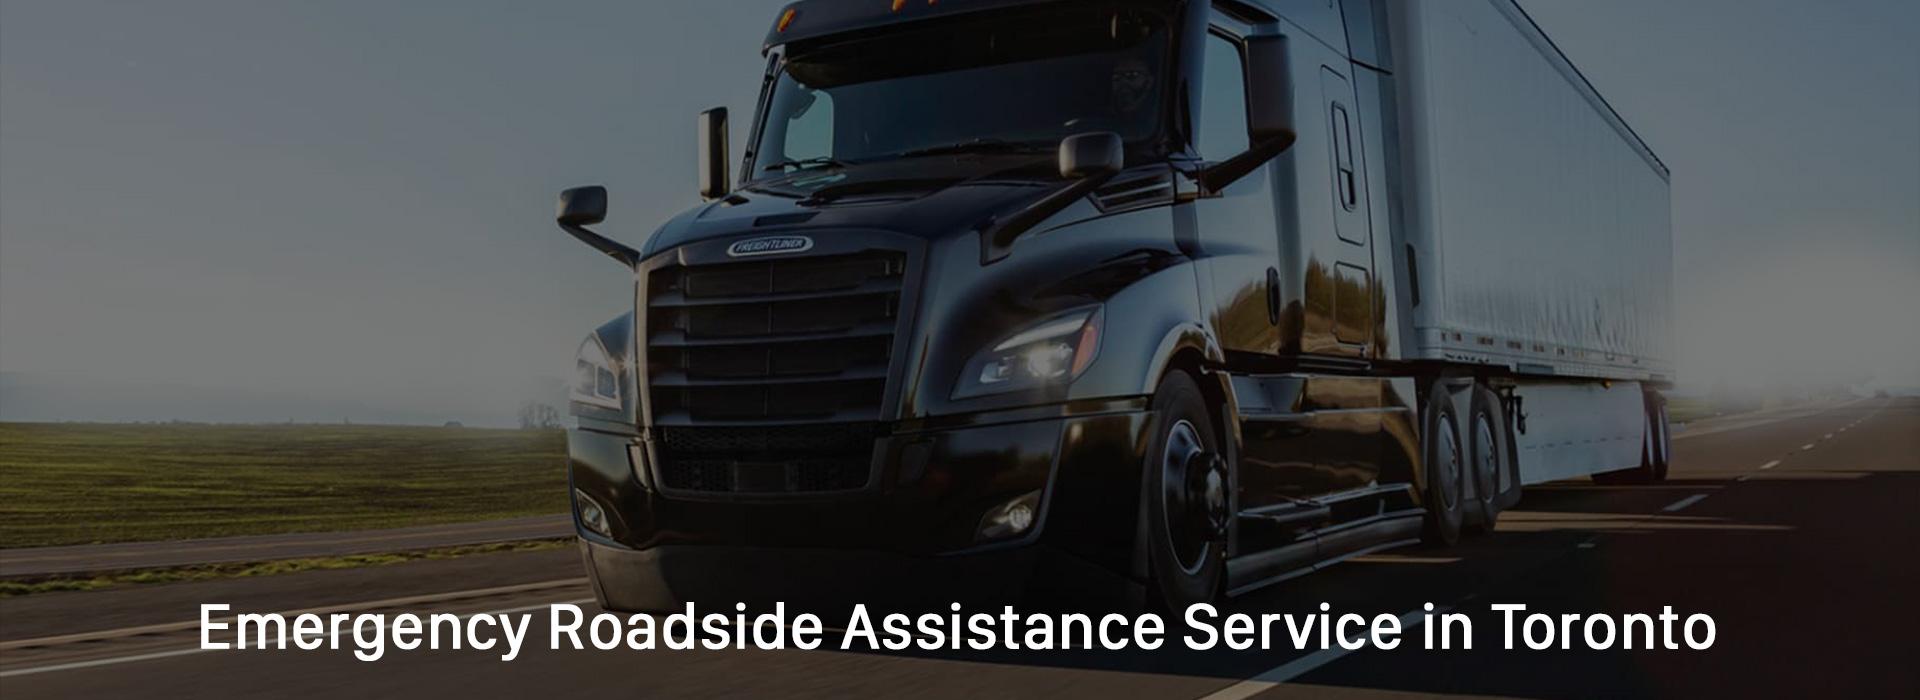 Emergency Roadside Assistance in Toronto